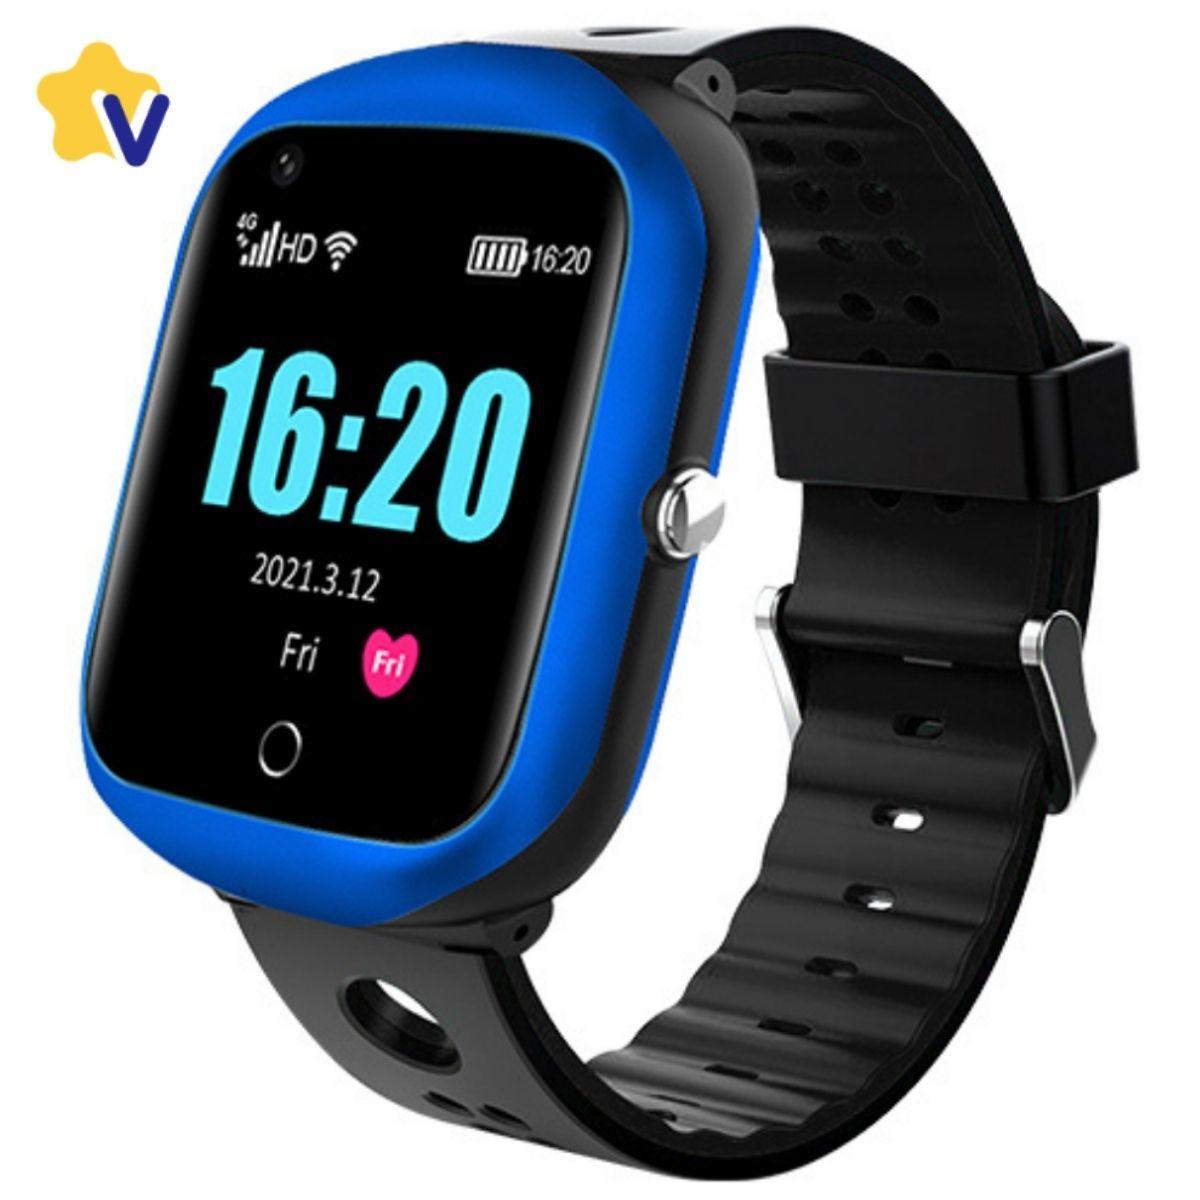 Видеочасы и часы-телефоны с GPS Smart Baby Watch FA66 часы телефон с GPS, WiFi, SIM, видеозвонок, чат, SOS, скрытый звонок, фото ... FA66_BLU_2.jpg